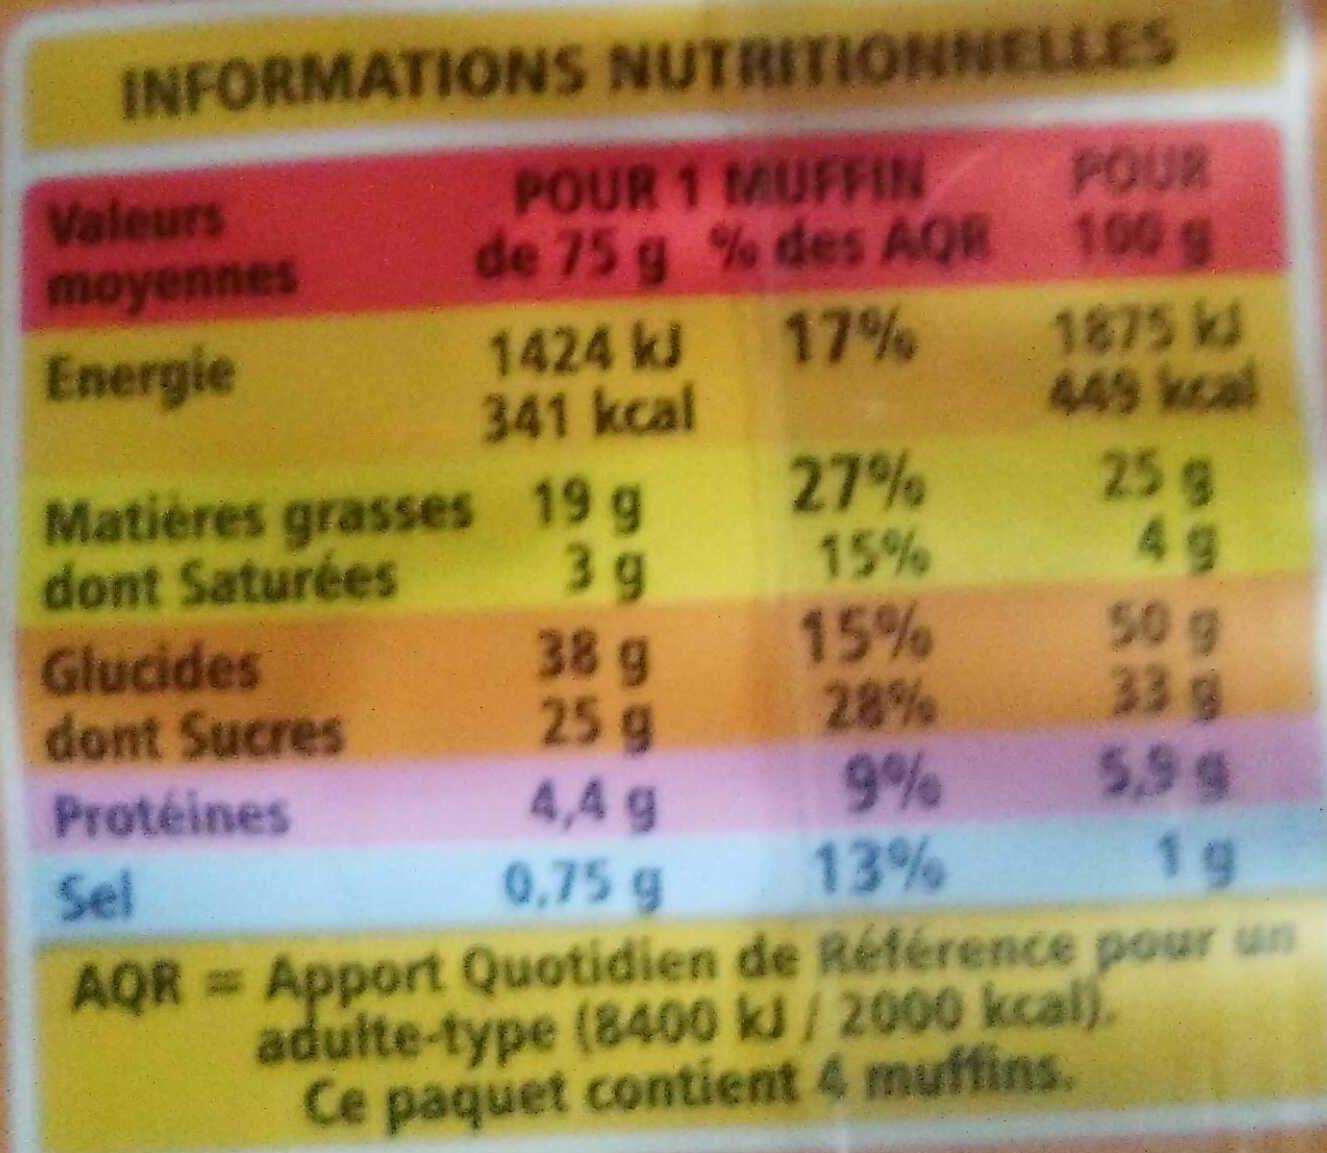 Muffins aux pépites de chocolat cœur au goût choco noisette - Informations nutritionnelles